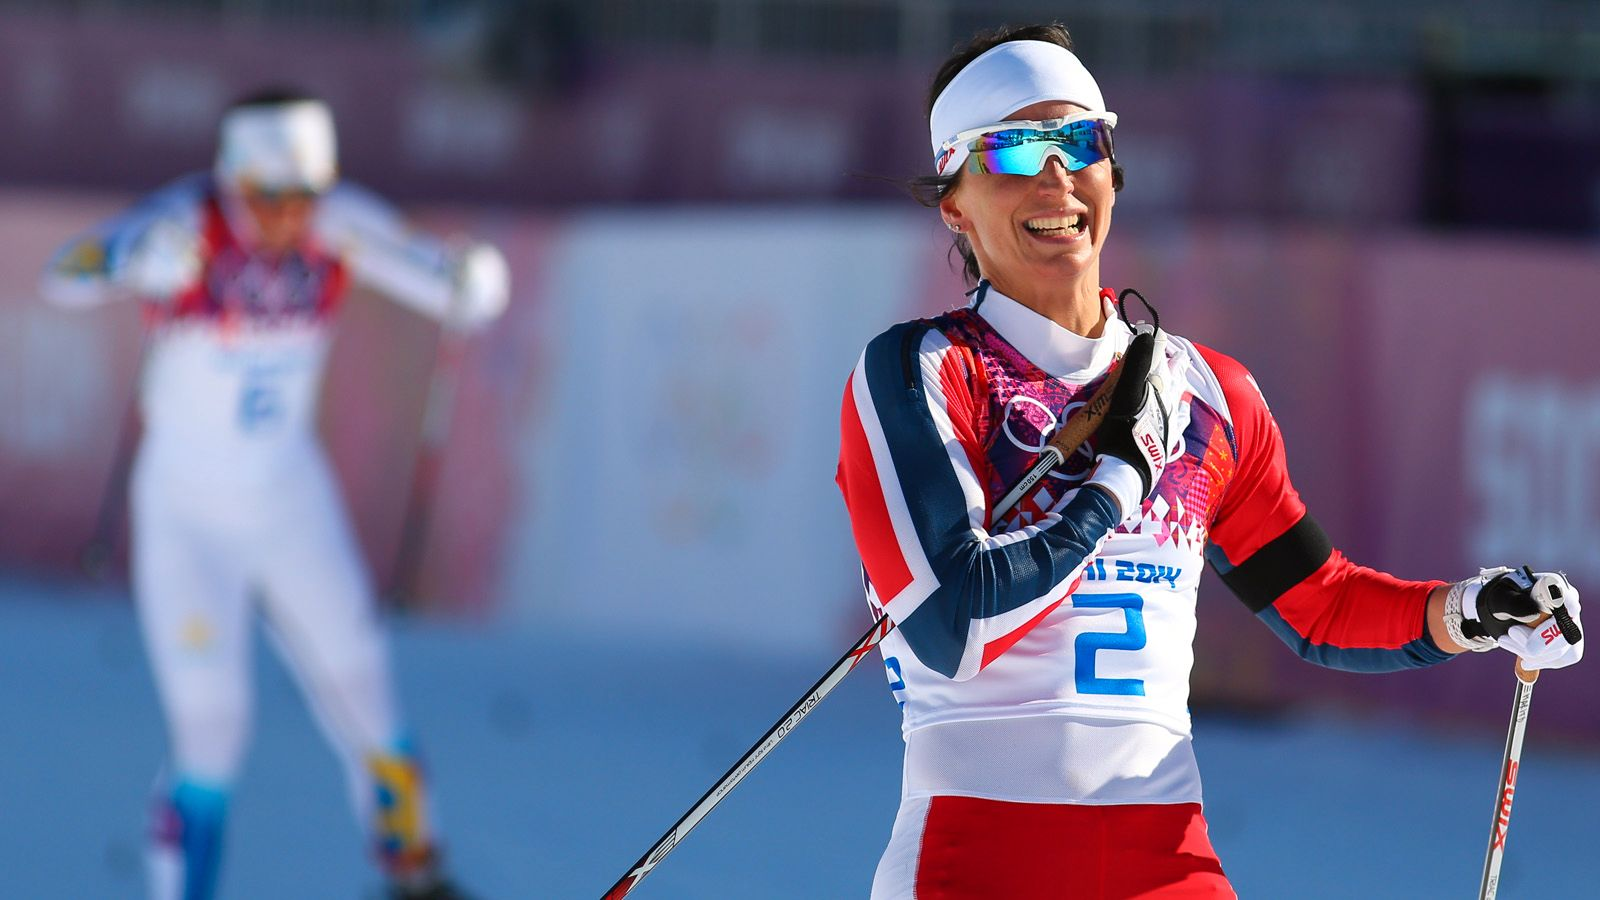 Slik flytter de en million bilder fra OL i Sotsji til avisene